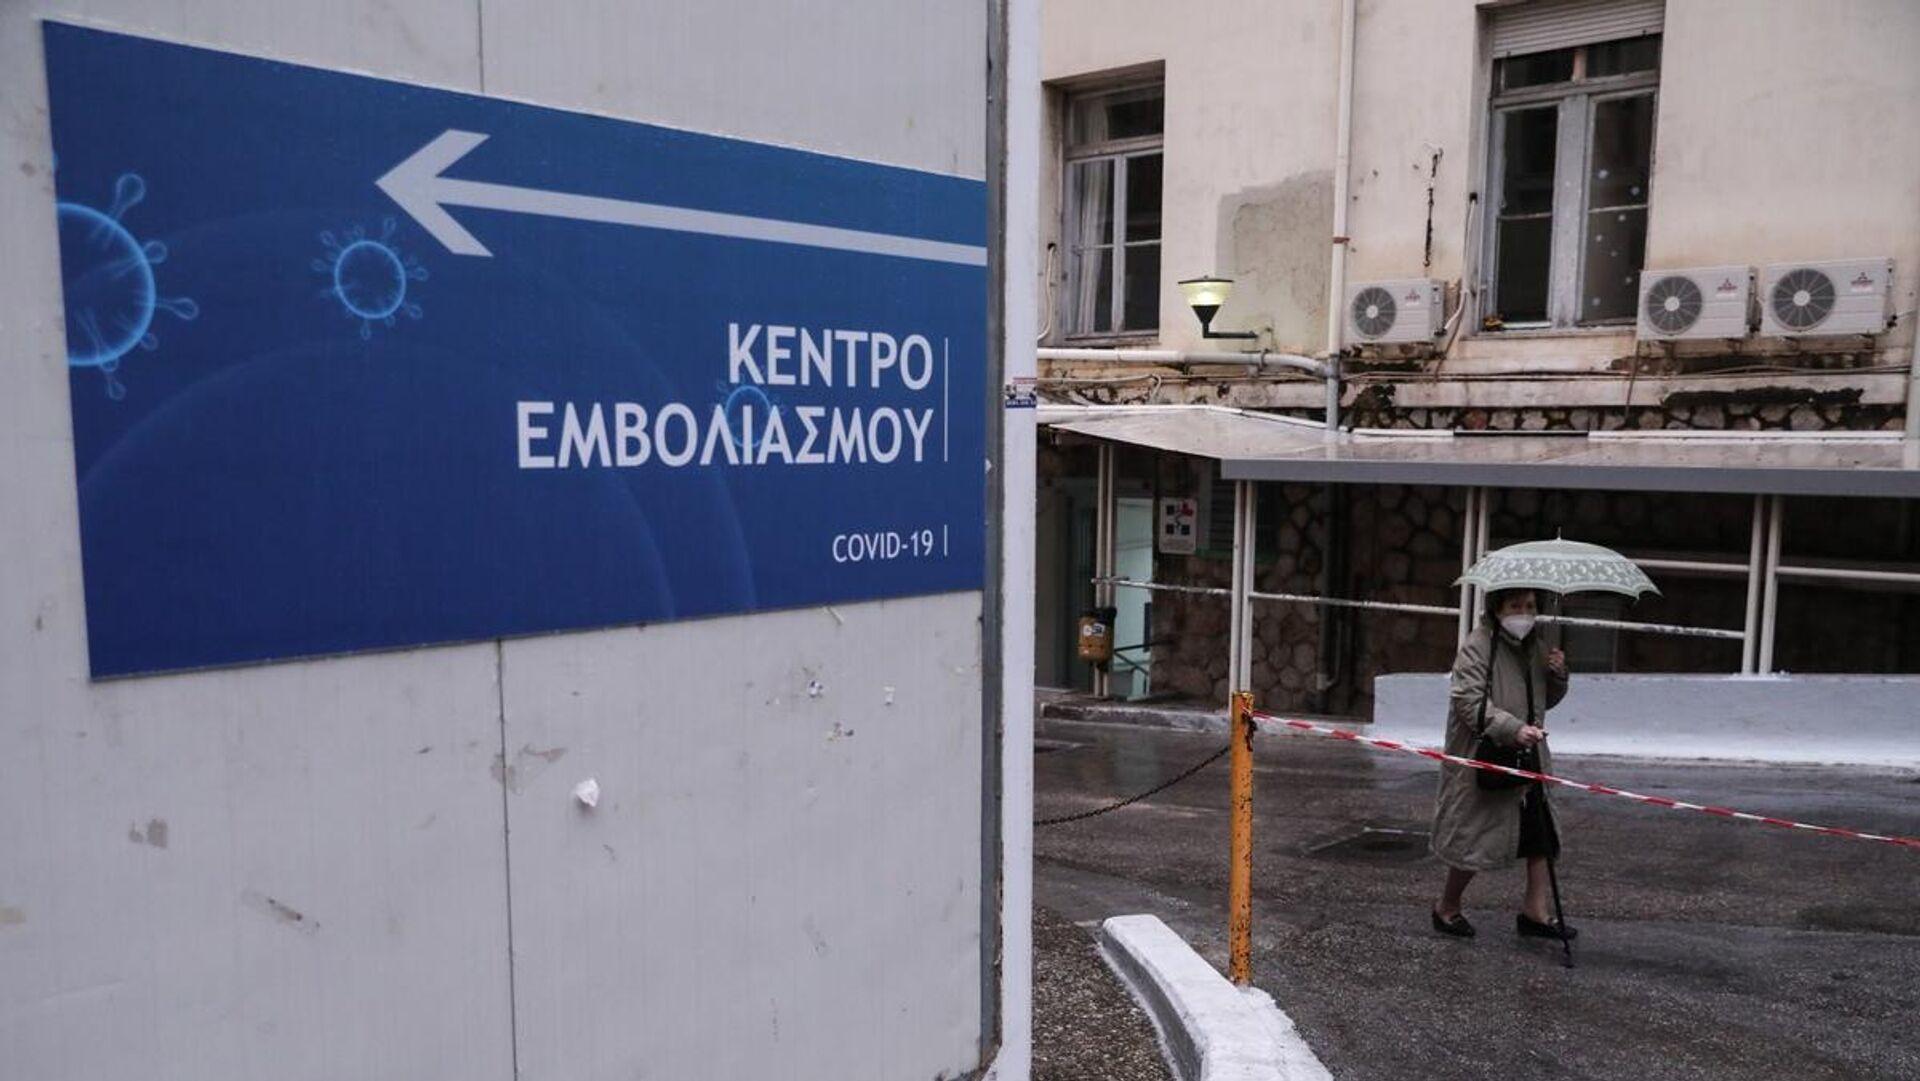 Εμβολιαστικό κέντρο - Sputnik Ελλάδα, 1920, 08.09.2021